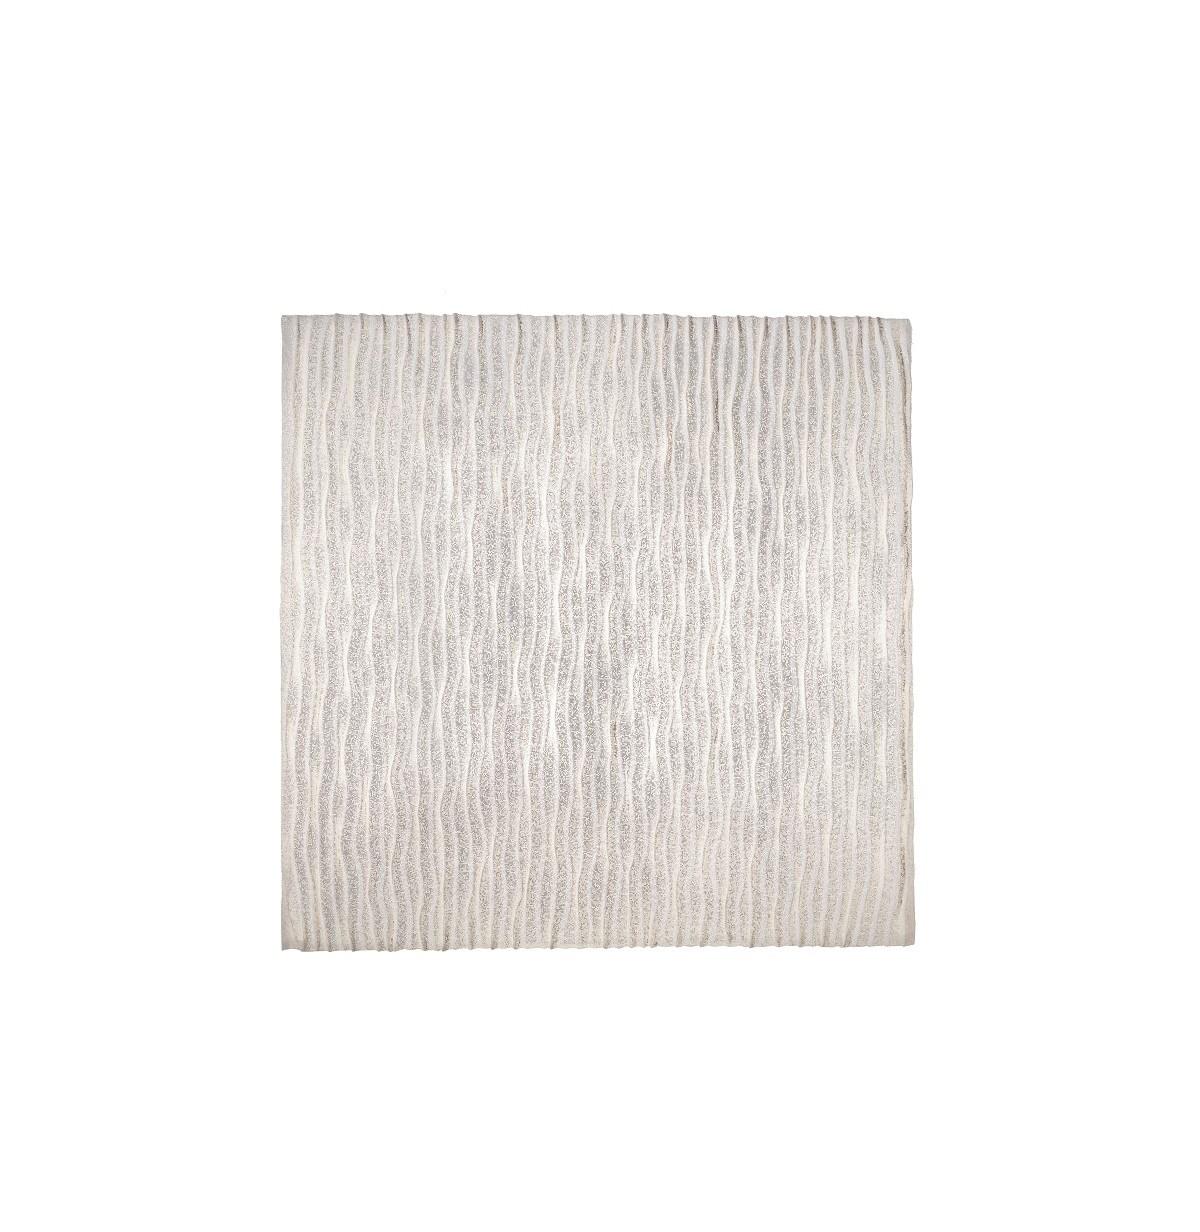 Arturo-Alvarez-Planum-Wall-Ceiling-Light-Matisse-2